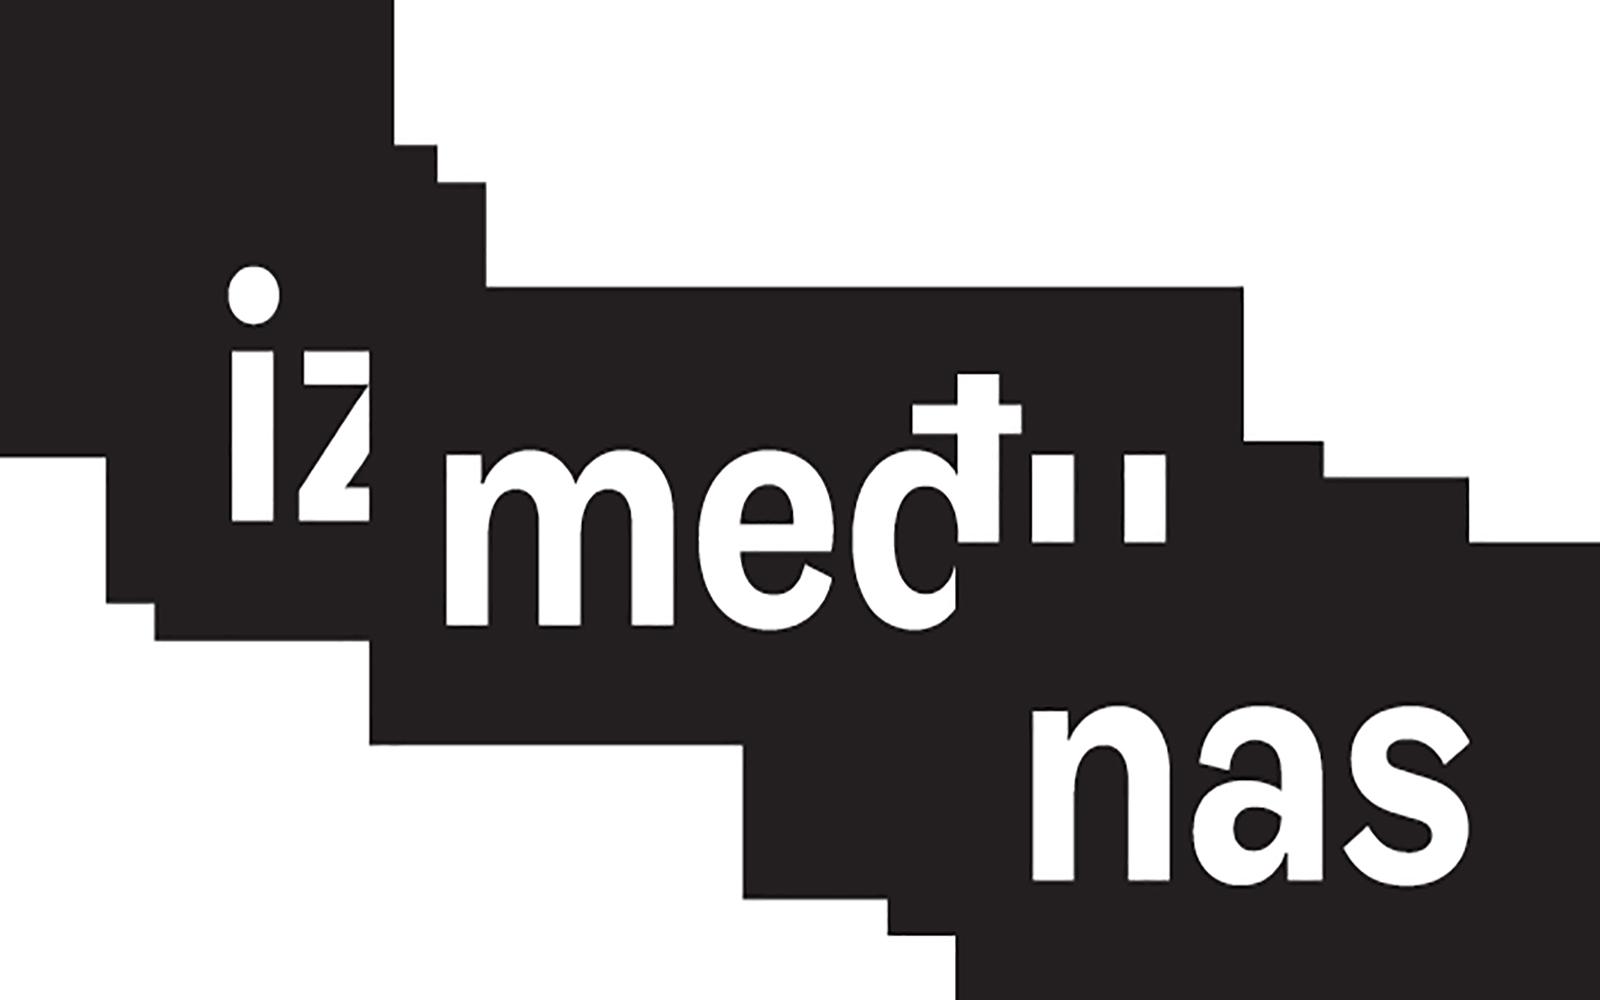 Između nas - Povezivanje kolekcija Muzeja savremene umetnosti i Savremene galerije Subotica